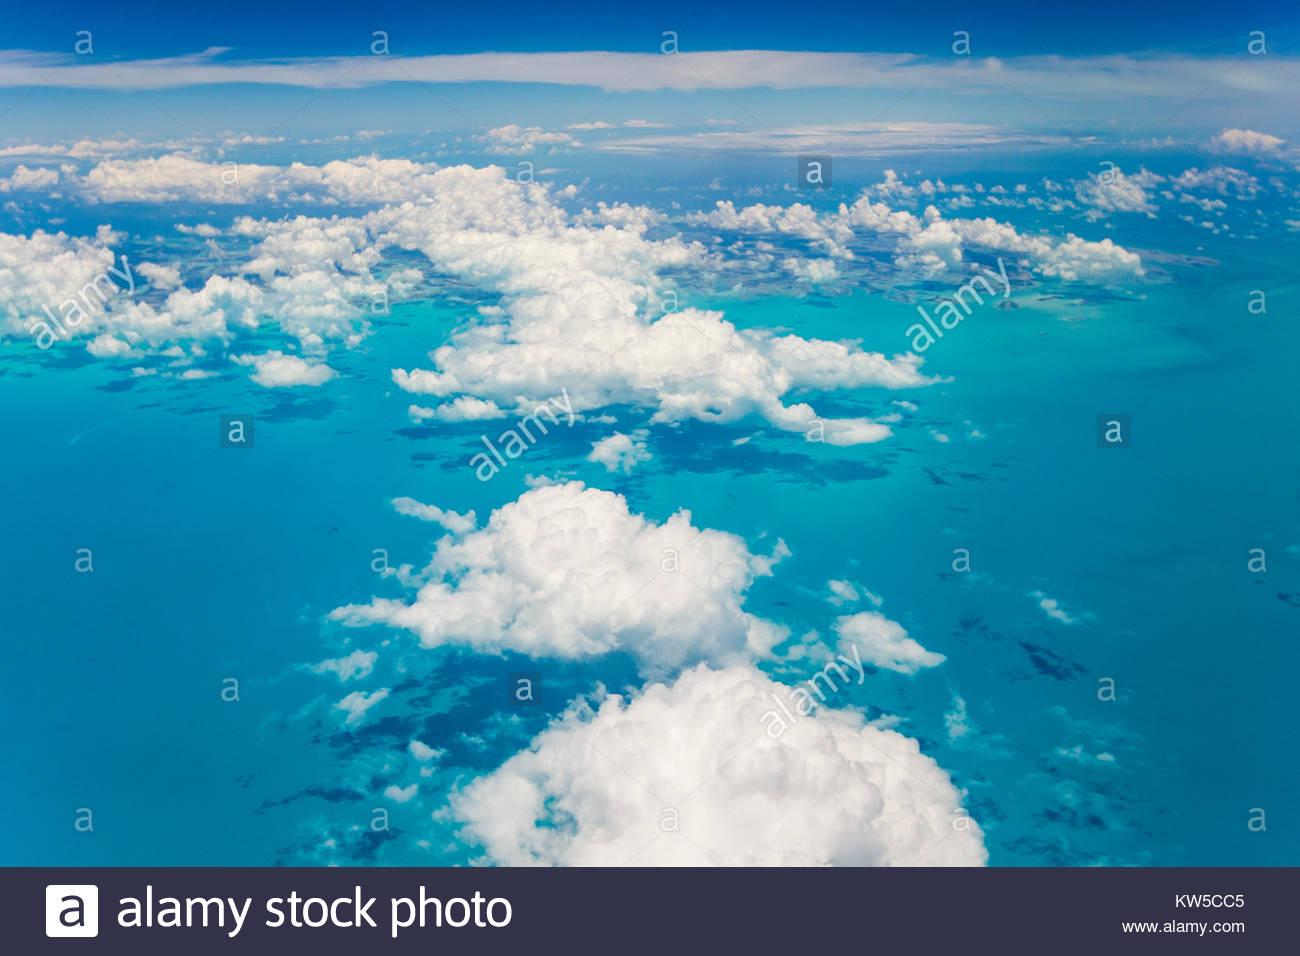 Eine Luftaufnahme über den Wolken über das türkisfarbene Wasser des Karibischen Meeres, in der Nähe Stockbild